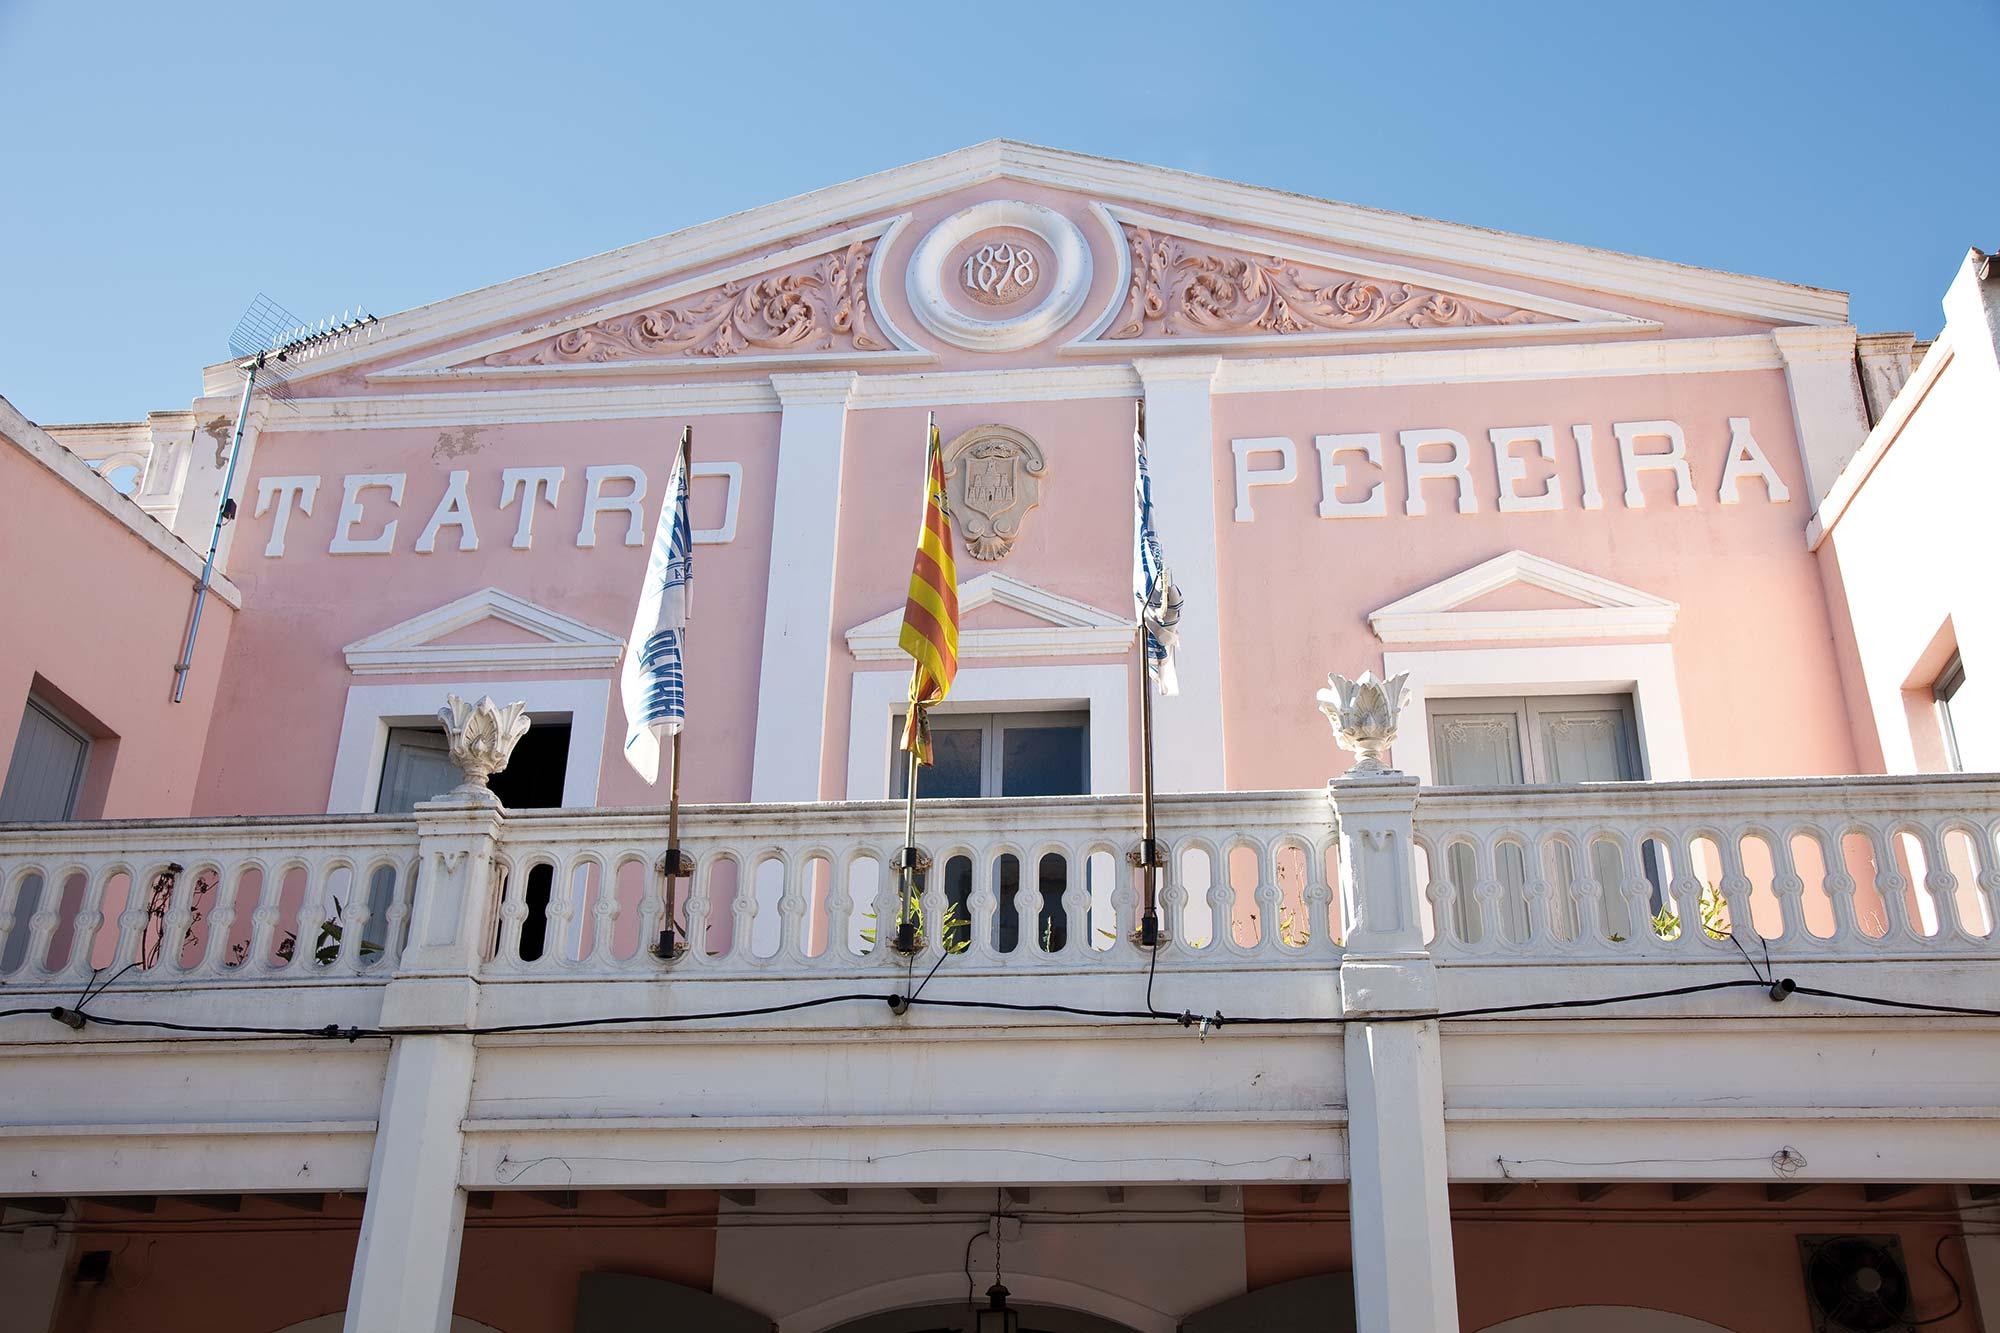 Teatro pereyra ibiza style - Conservatorio de ibiza ...